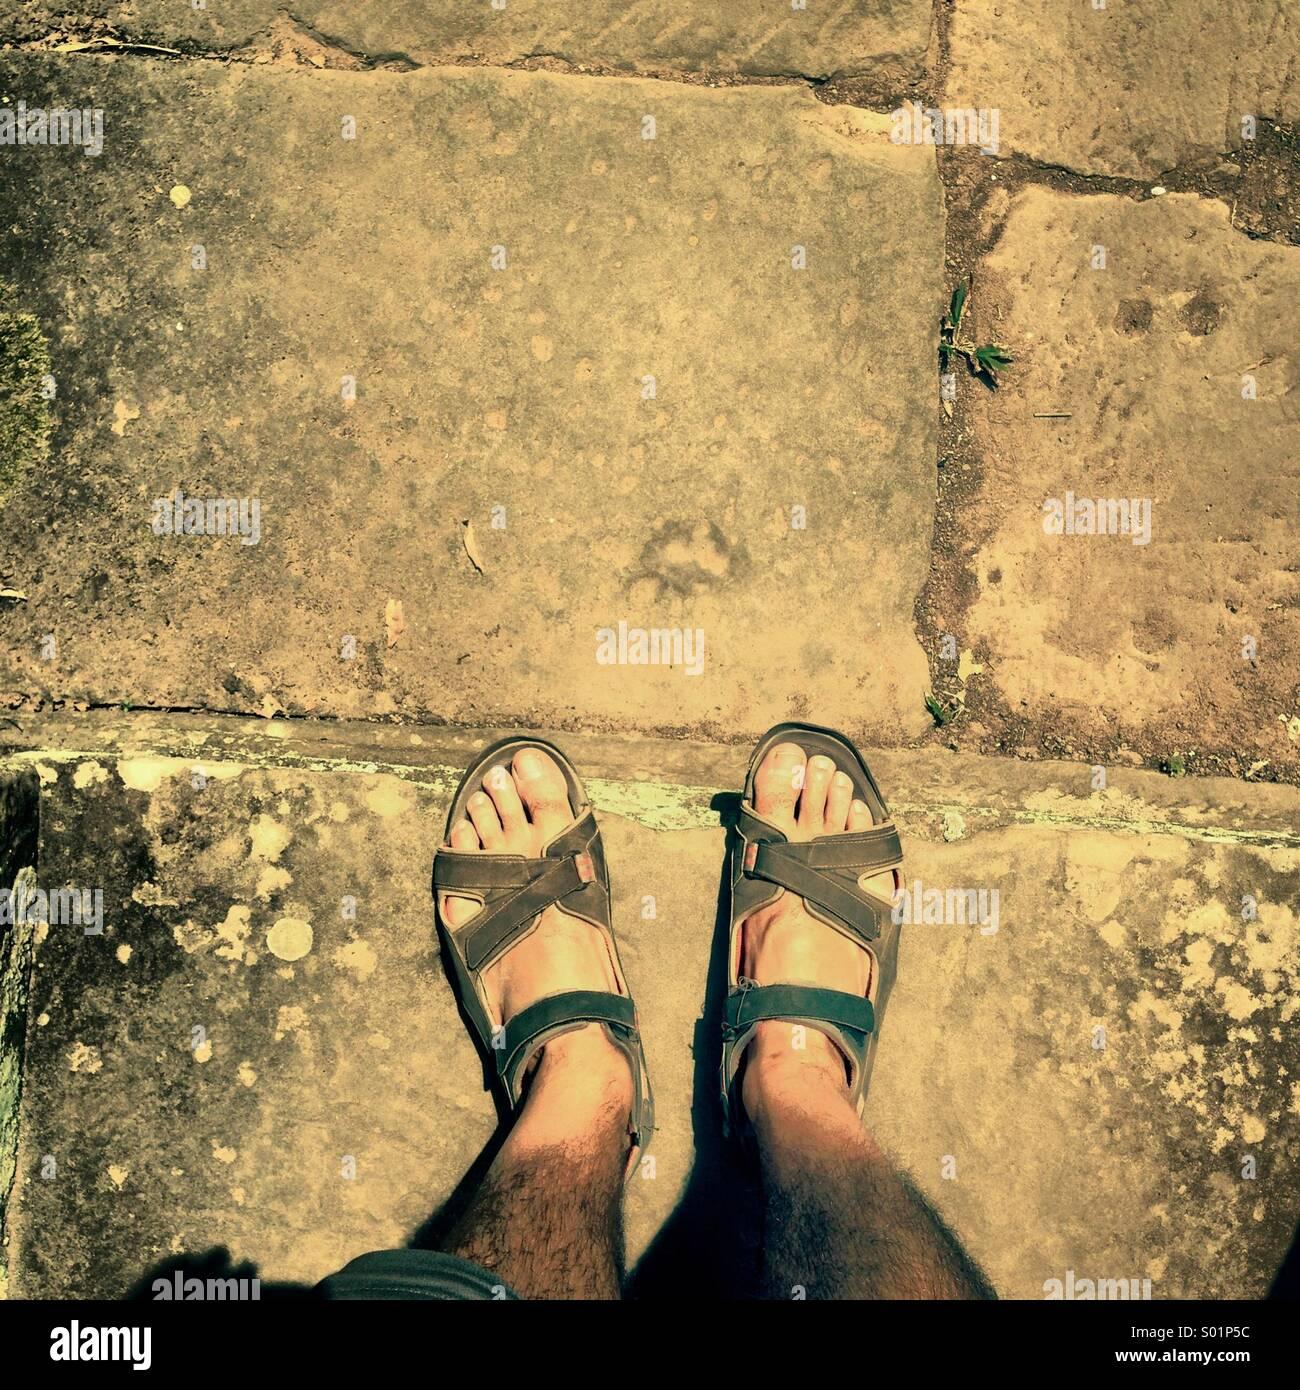 Mis propios dos pies sandalled explorando las ruinas de un templo Khmer de Camboya Reyes Imagen De Stock